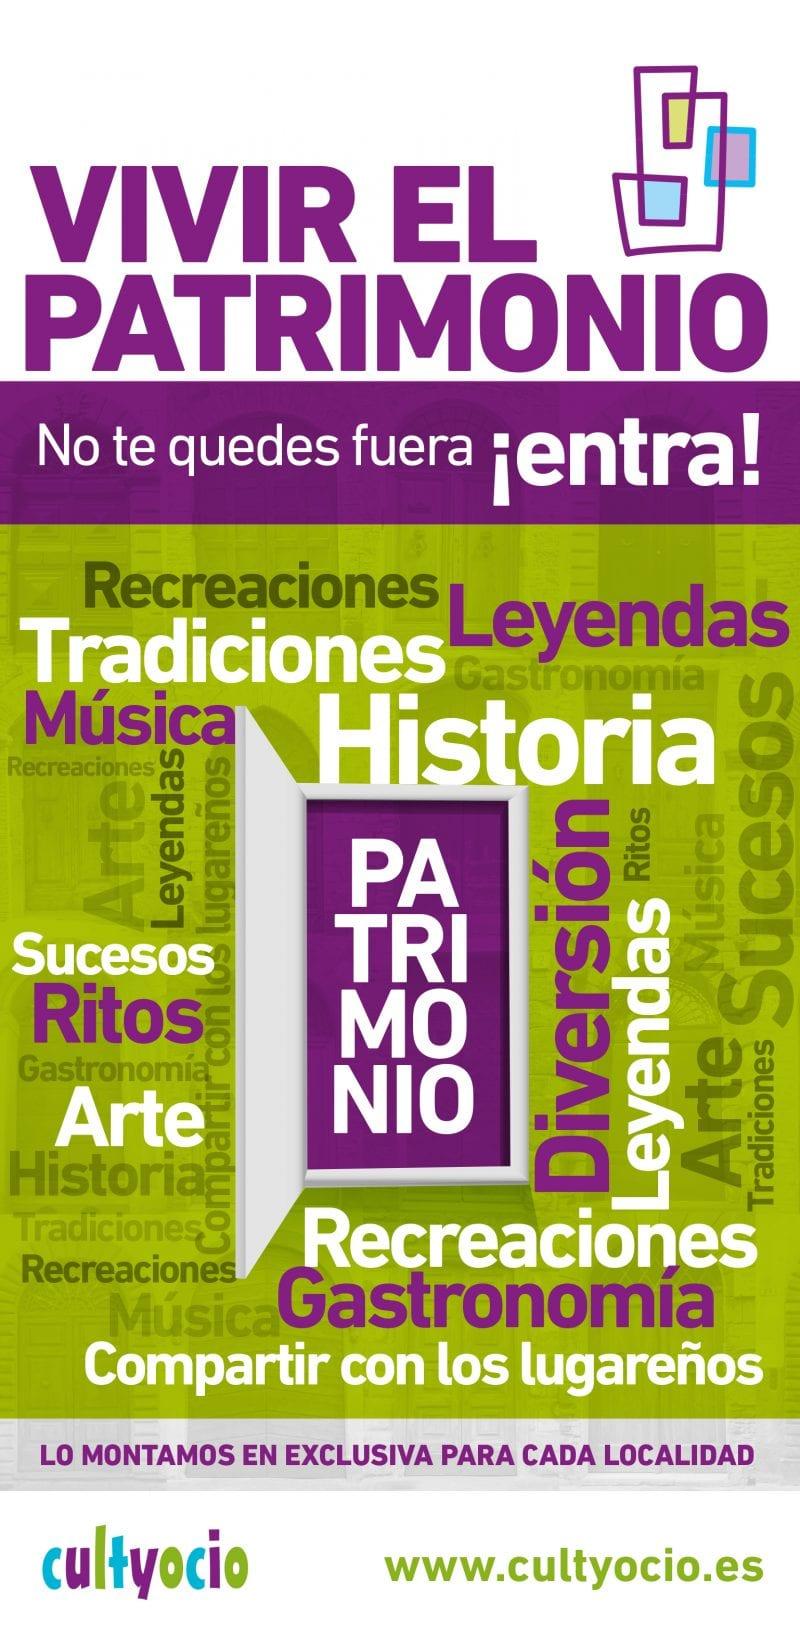 Ponencia congreso Campeche | cultyocio.es